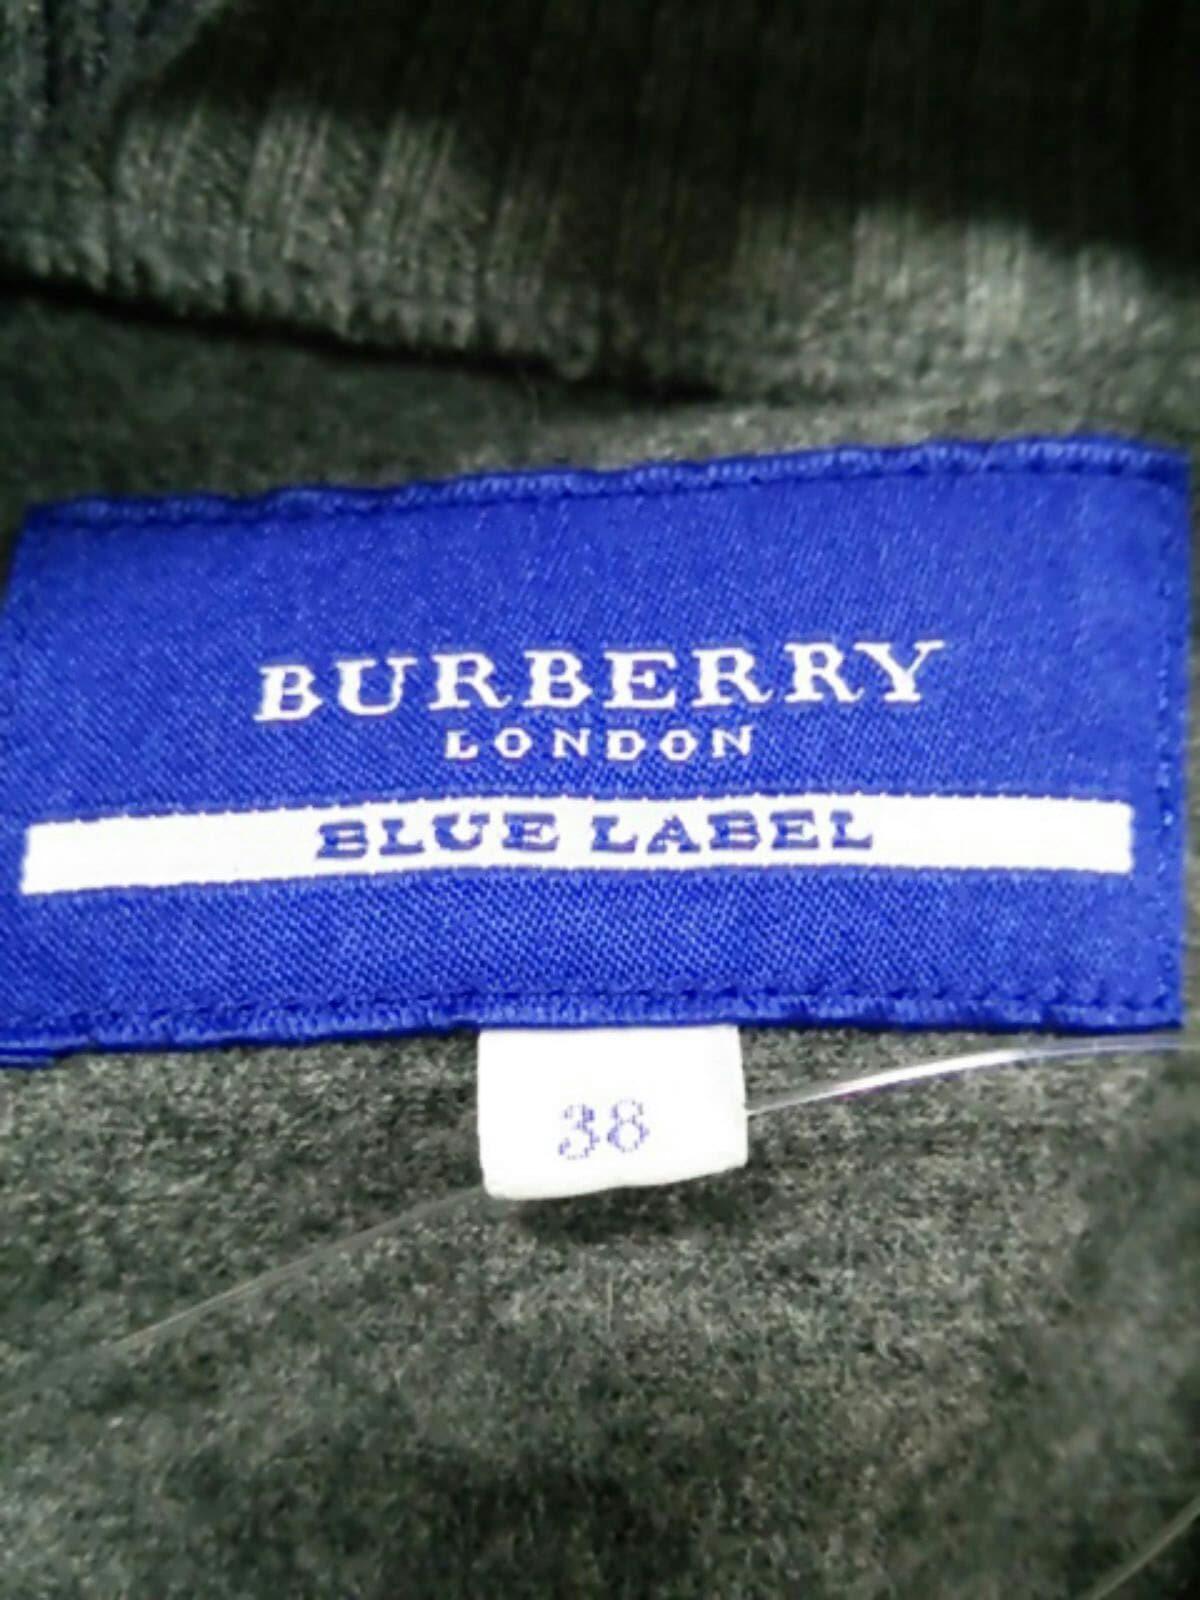 Burberry Blue Label(バーバリーブルーレーベル)のブルゾン